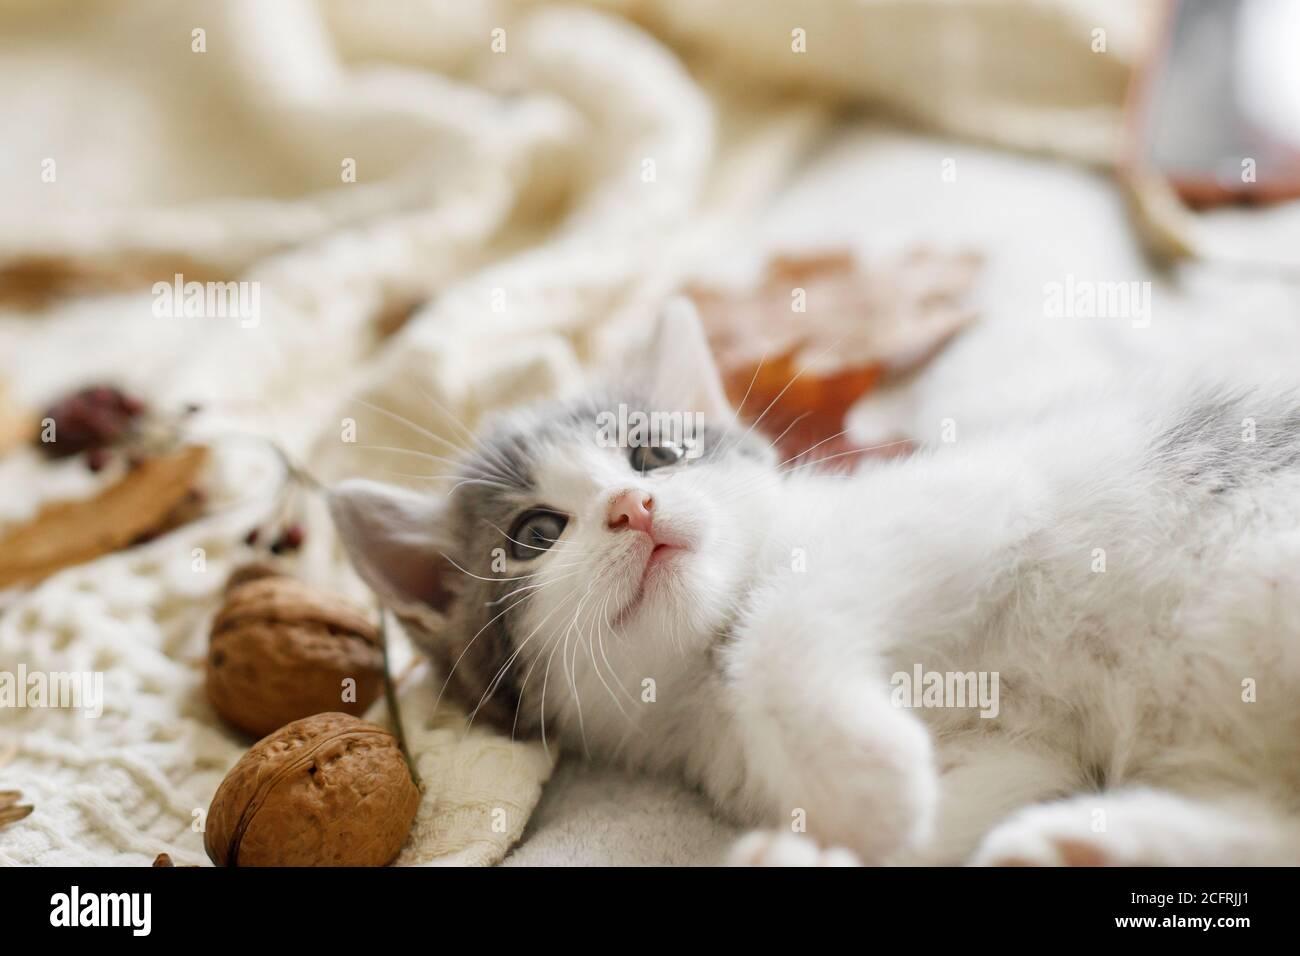 Gatito adorable jugando con hojas de otoño y bellotas sobre manta suave. Otoño ambiente acogedor. Lindo gatito blanco y gris jugando con decoraciones de otoño en be Foto de stock